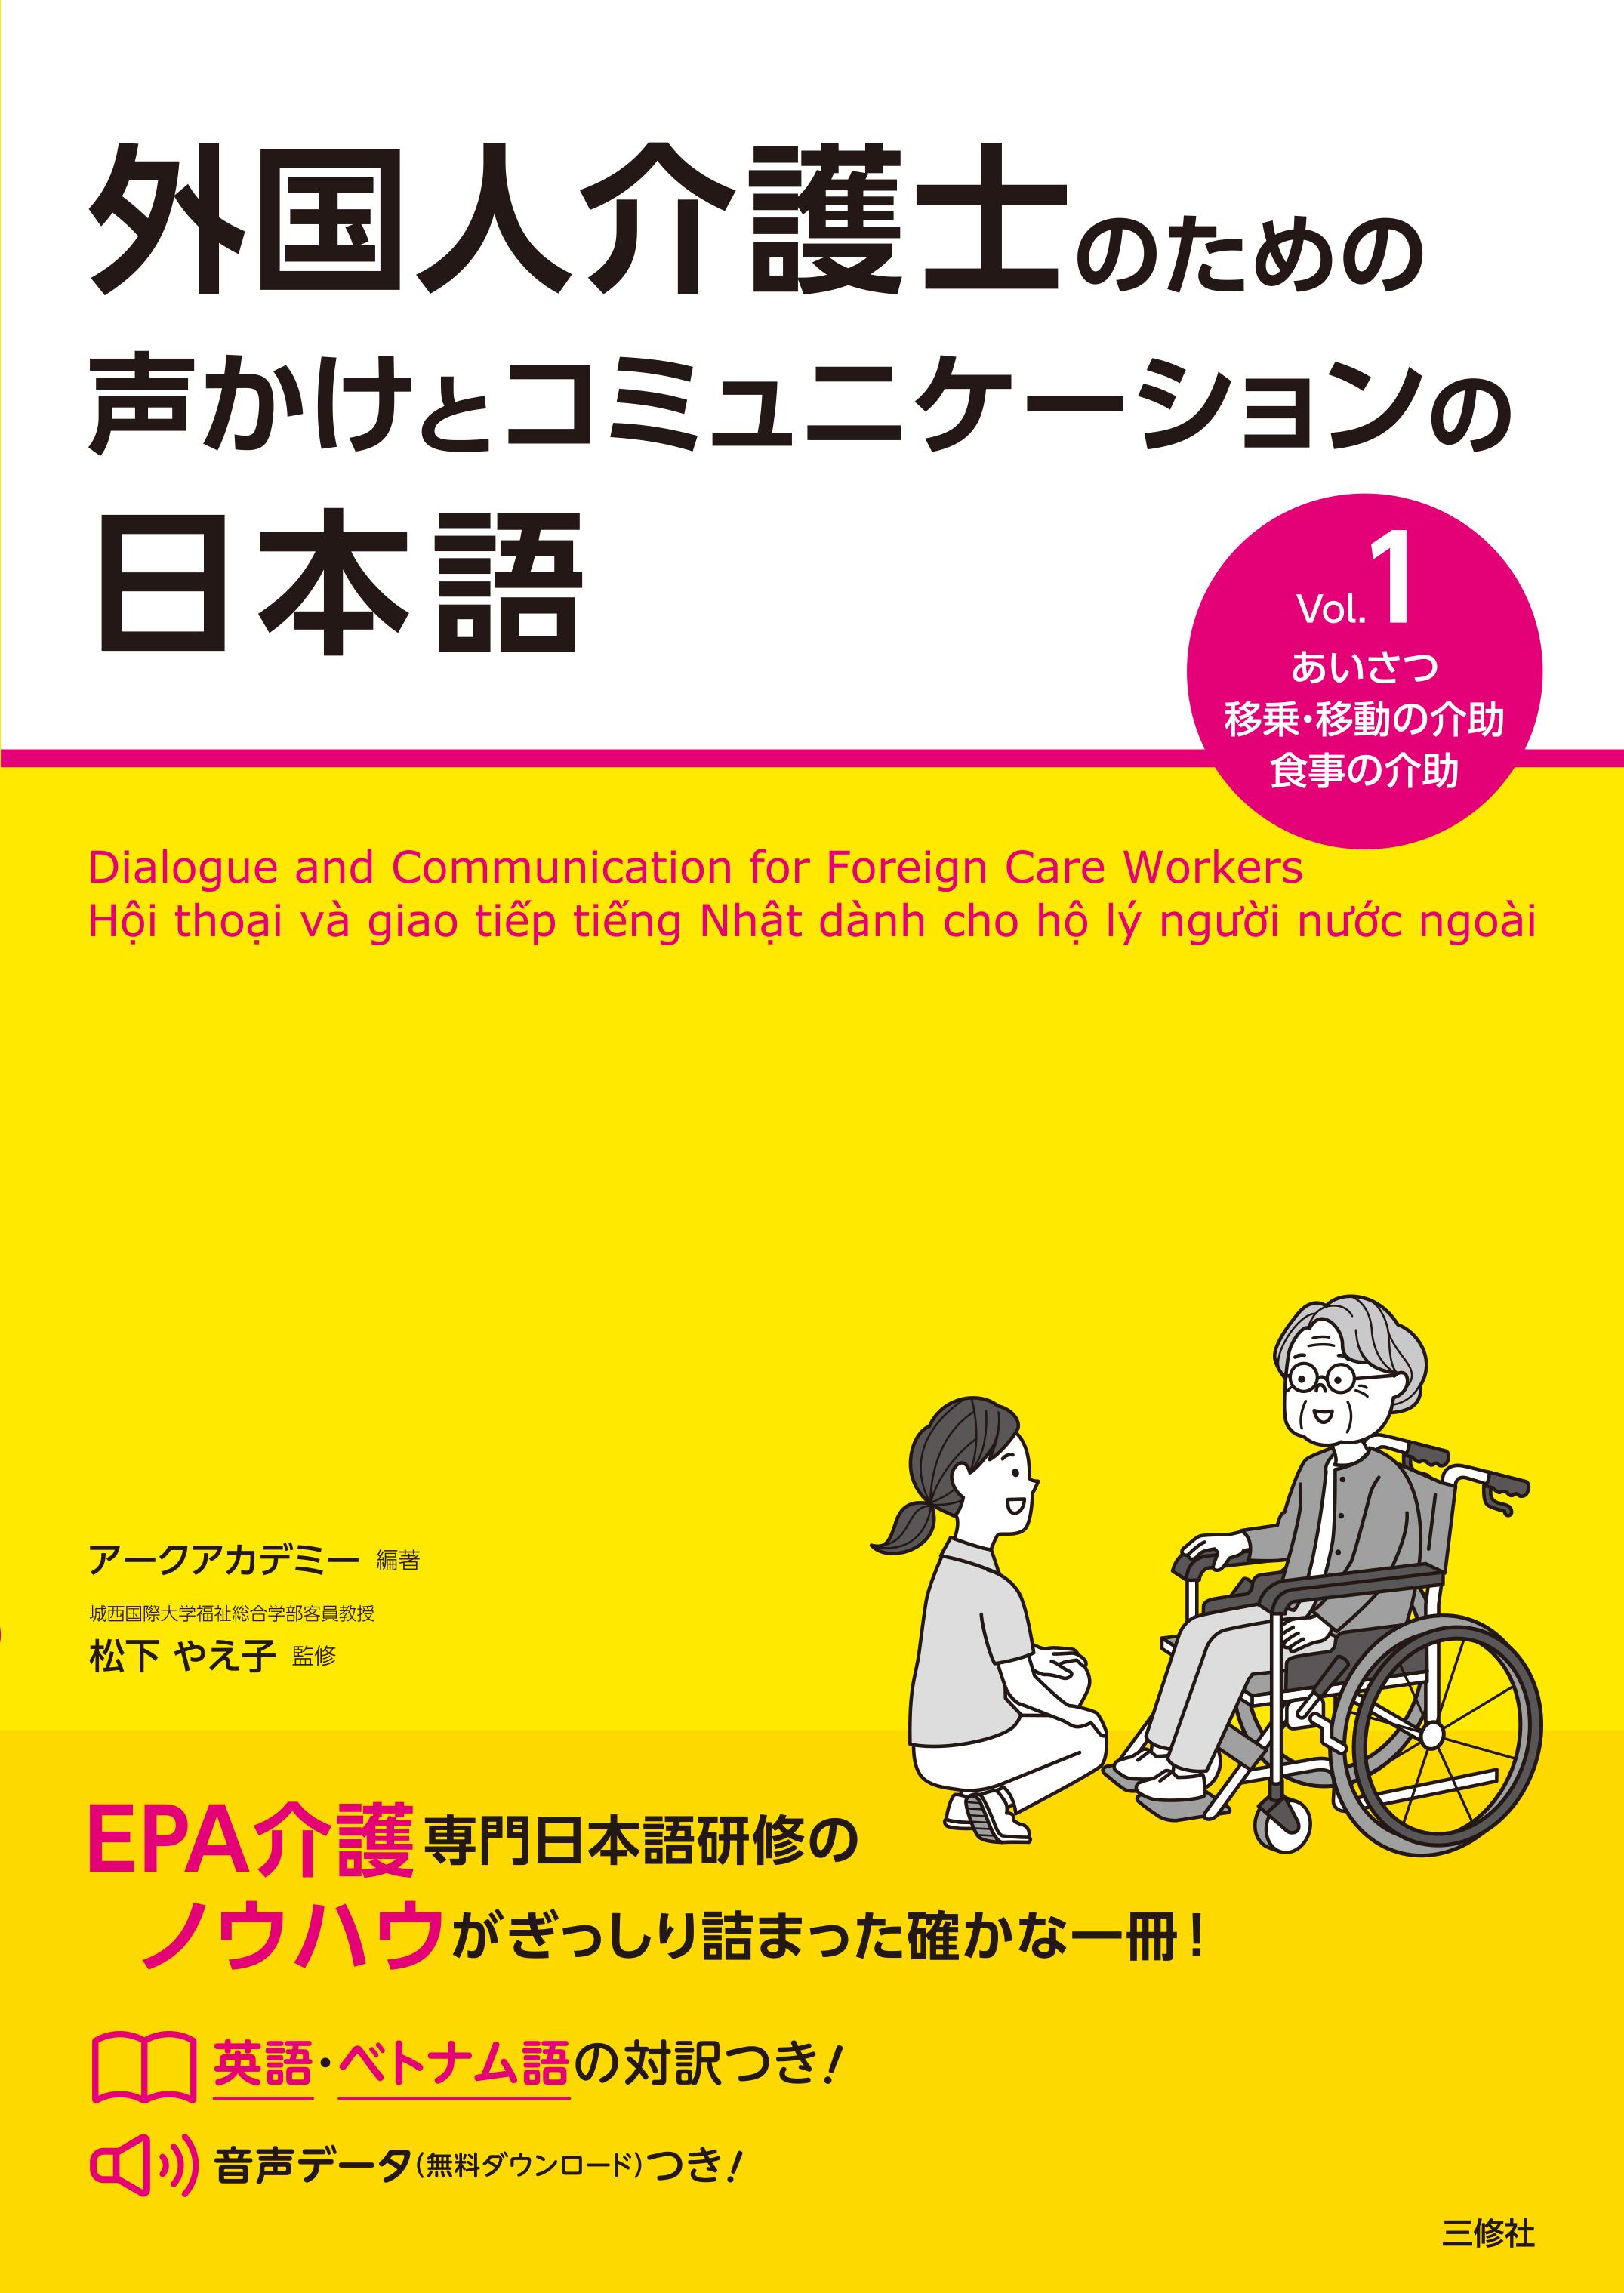 外国人介護士のための声かけとコミュニケーションの日本語 Vol.1